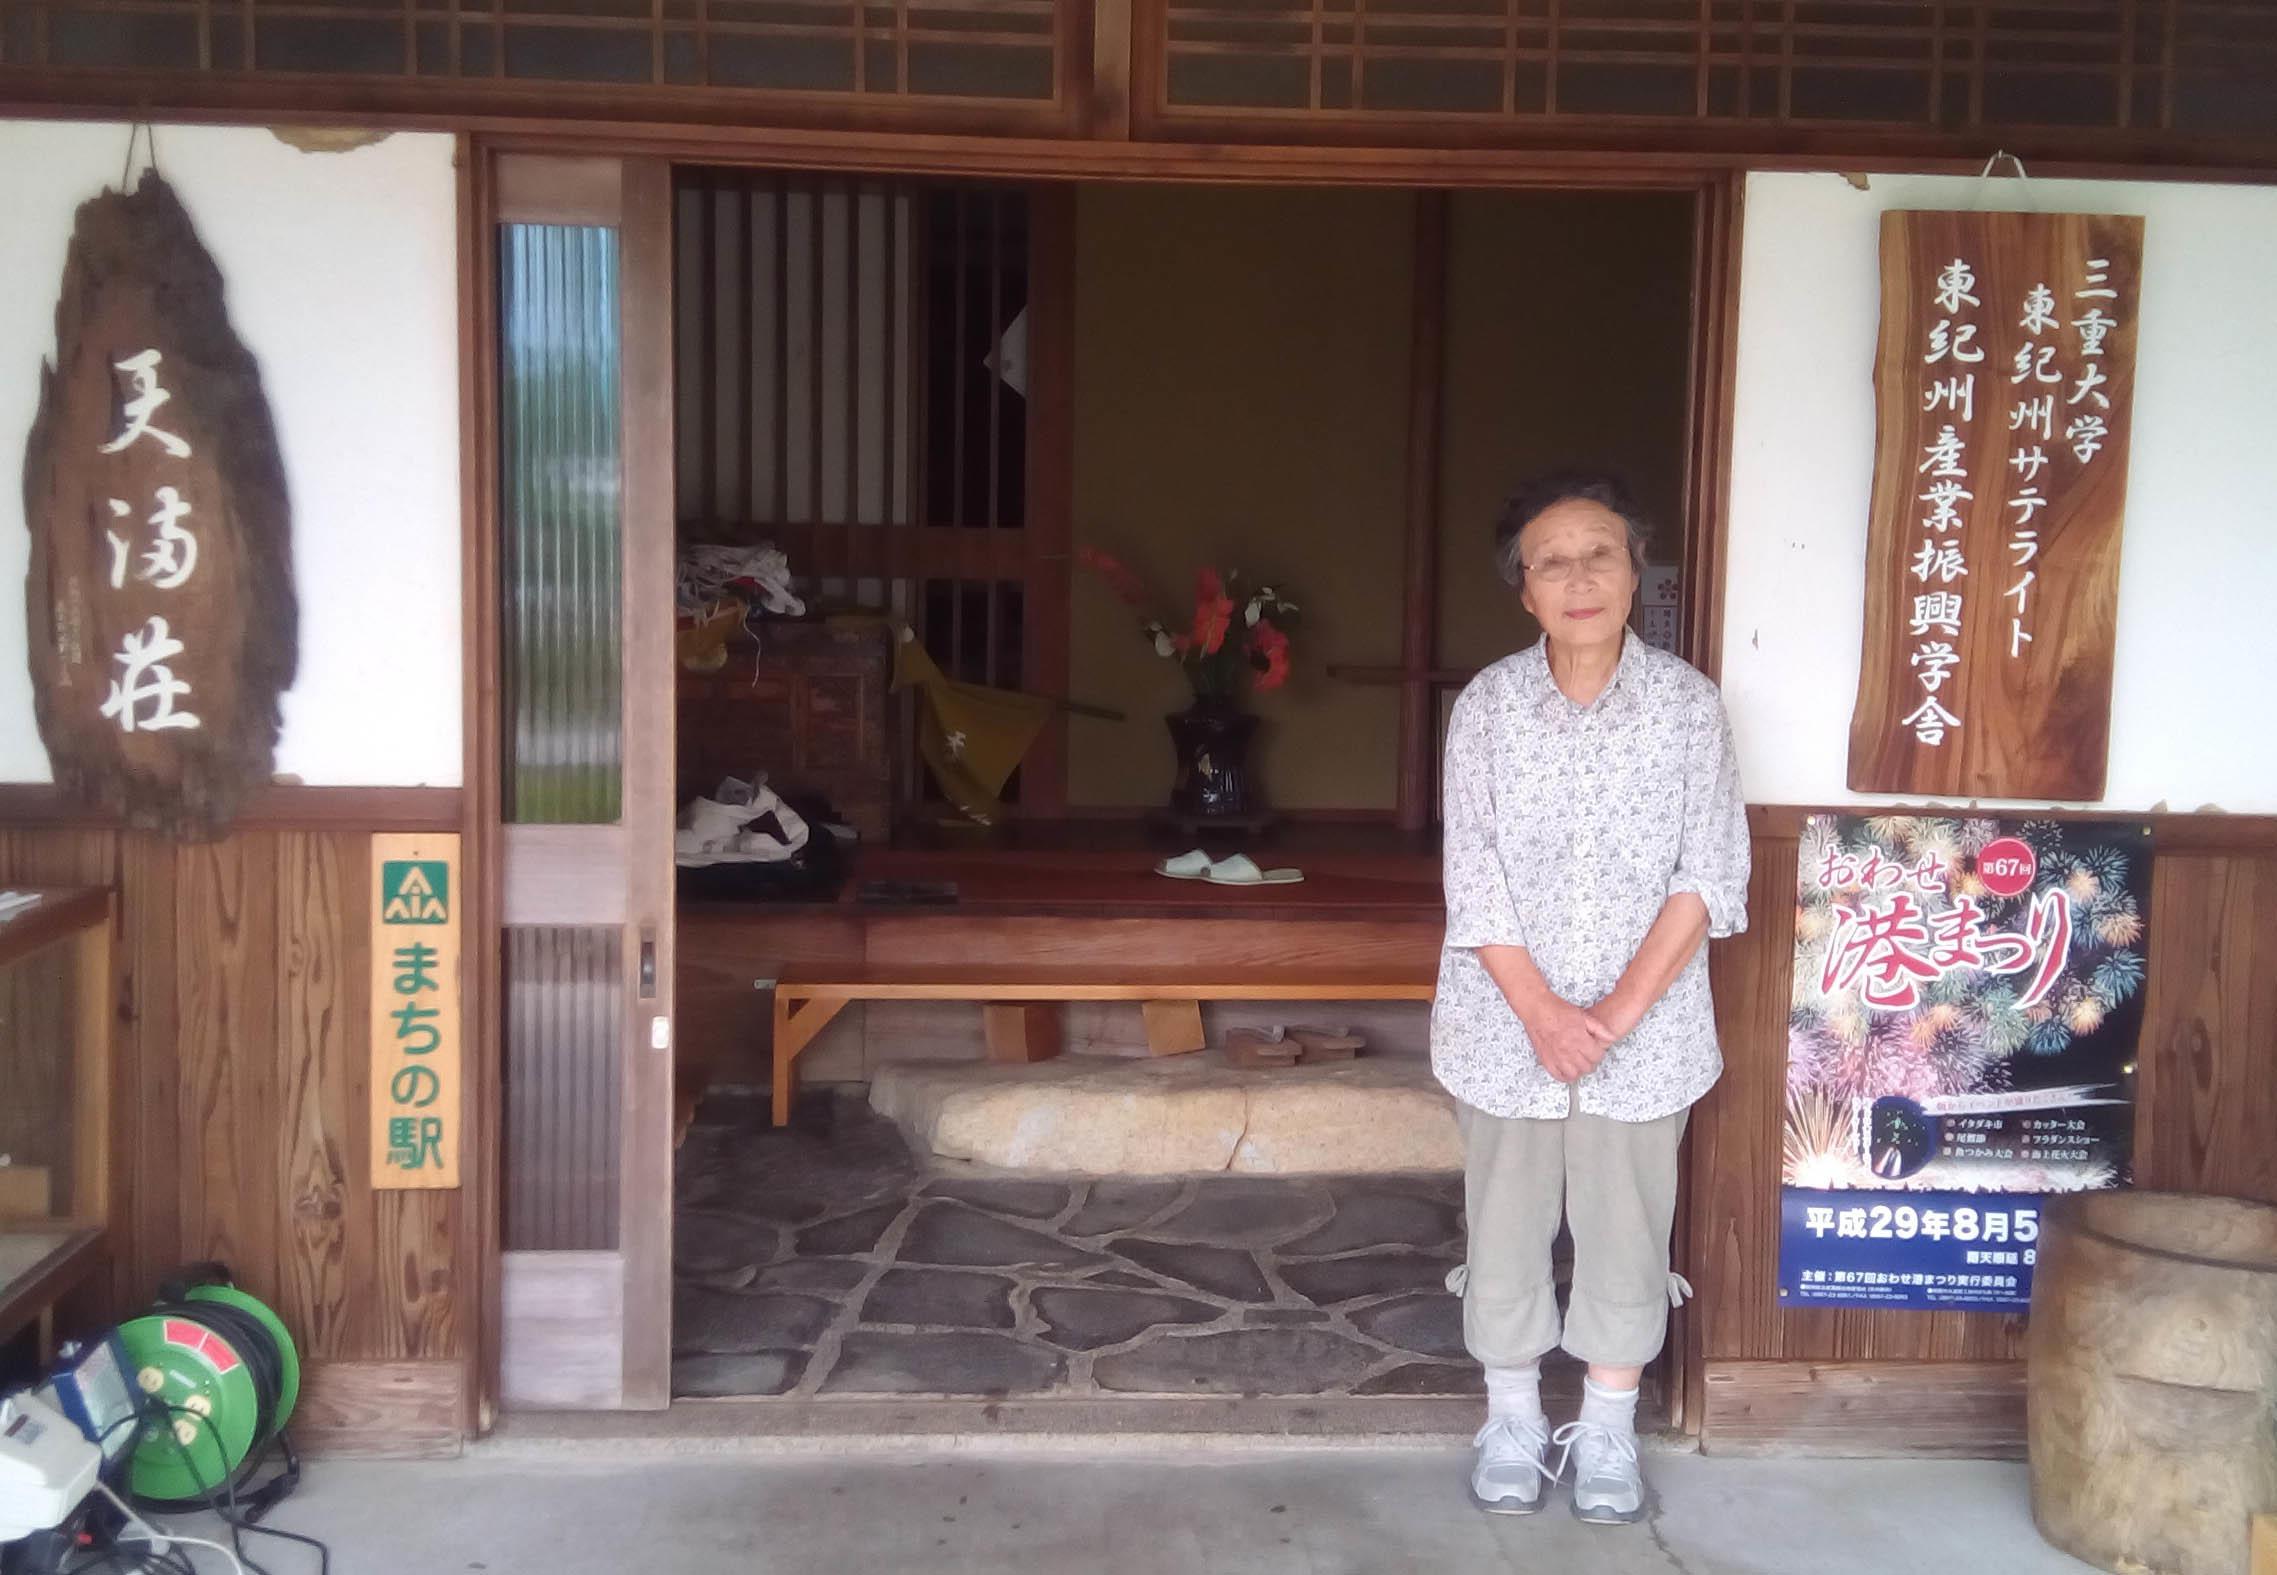 天満荘を管理する「NPO法人天満浦百人会」の松井代表